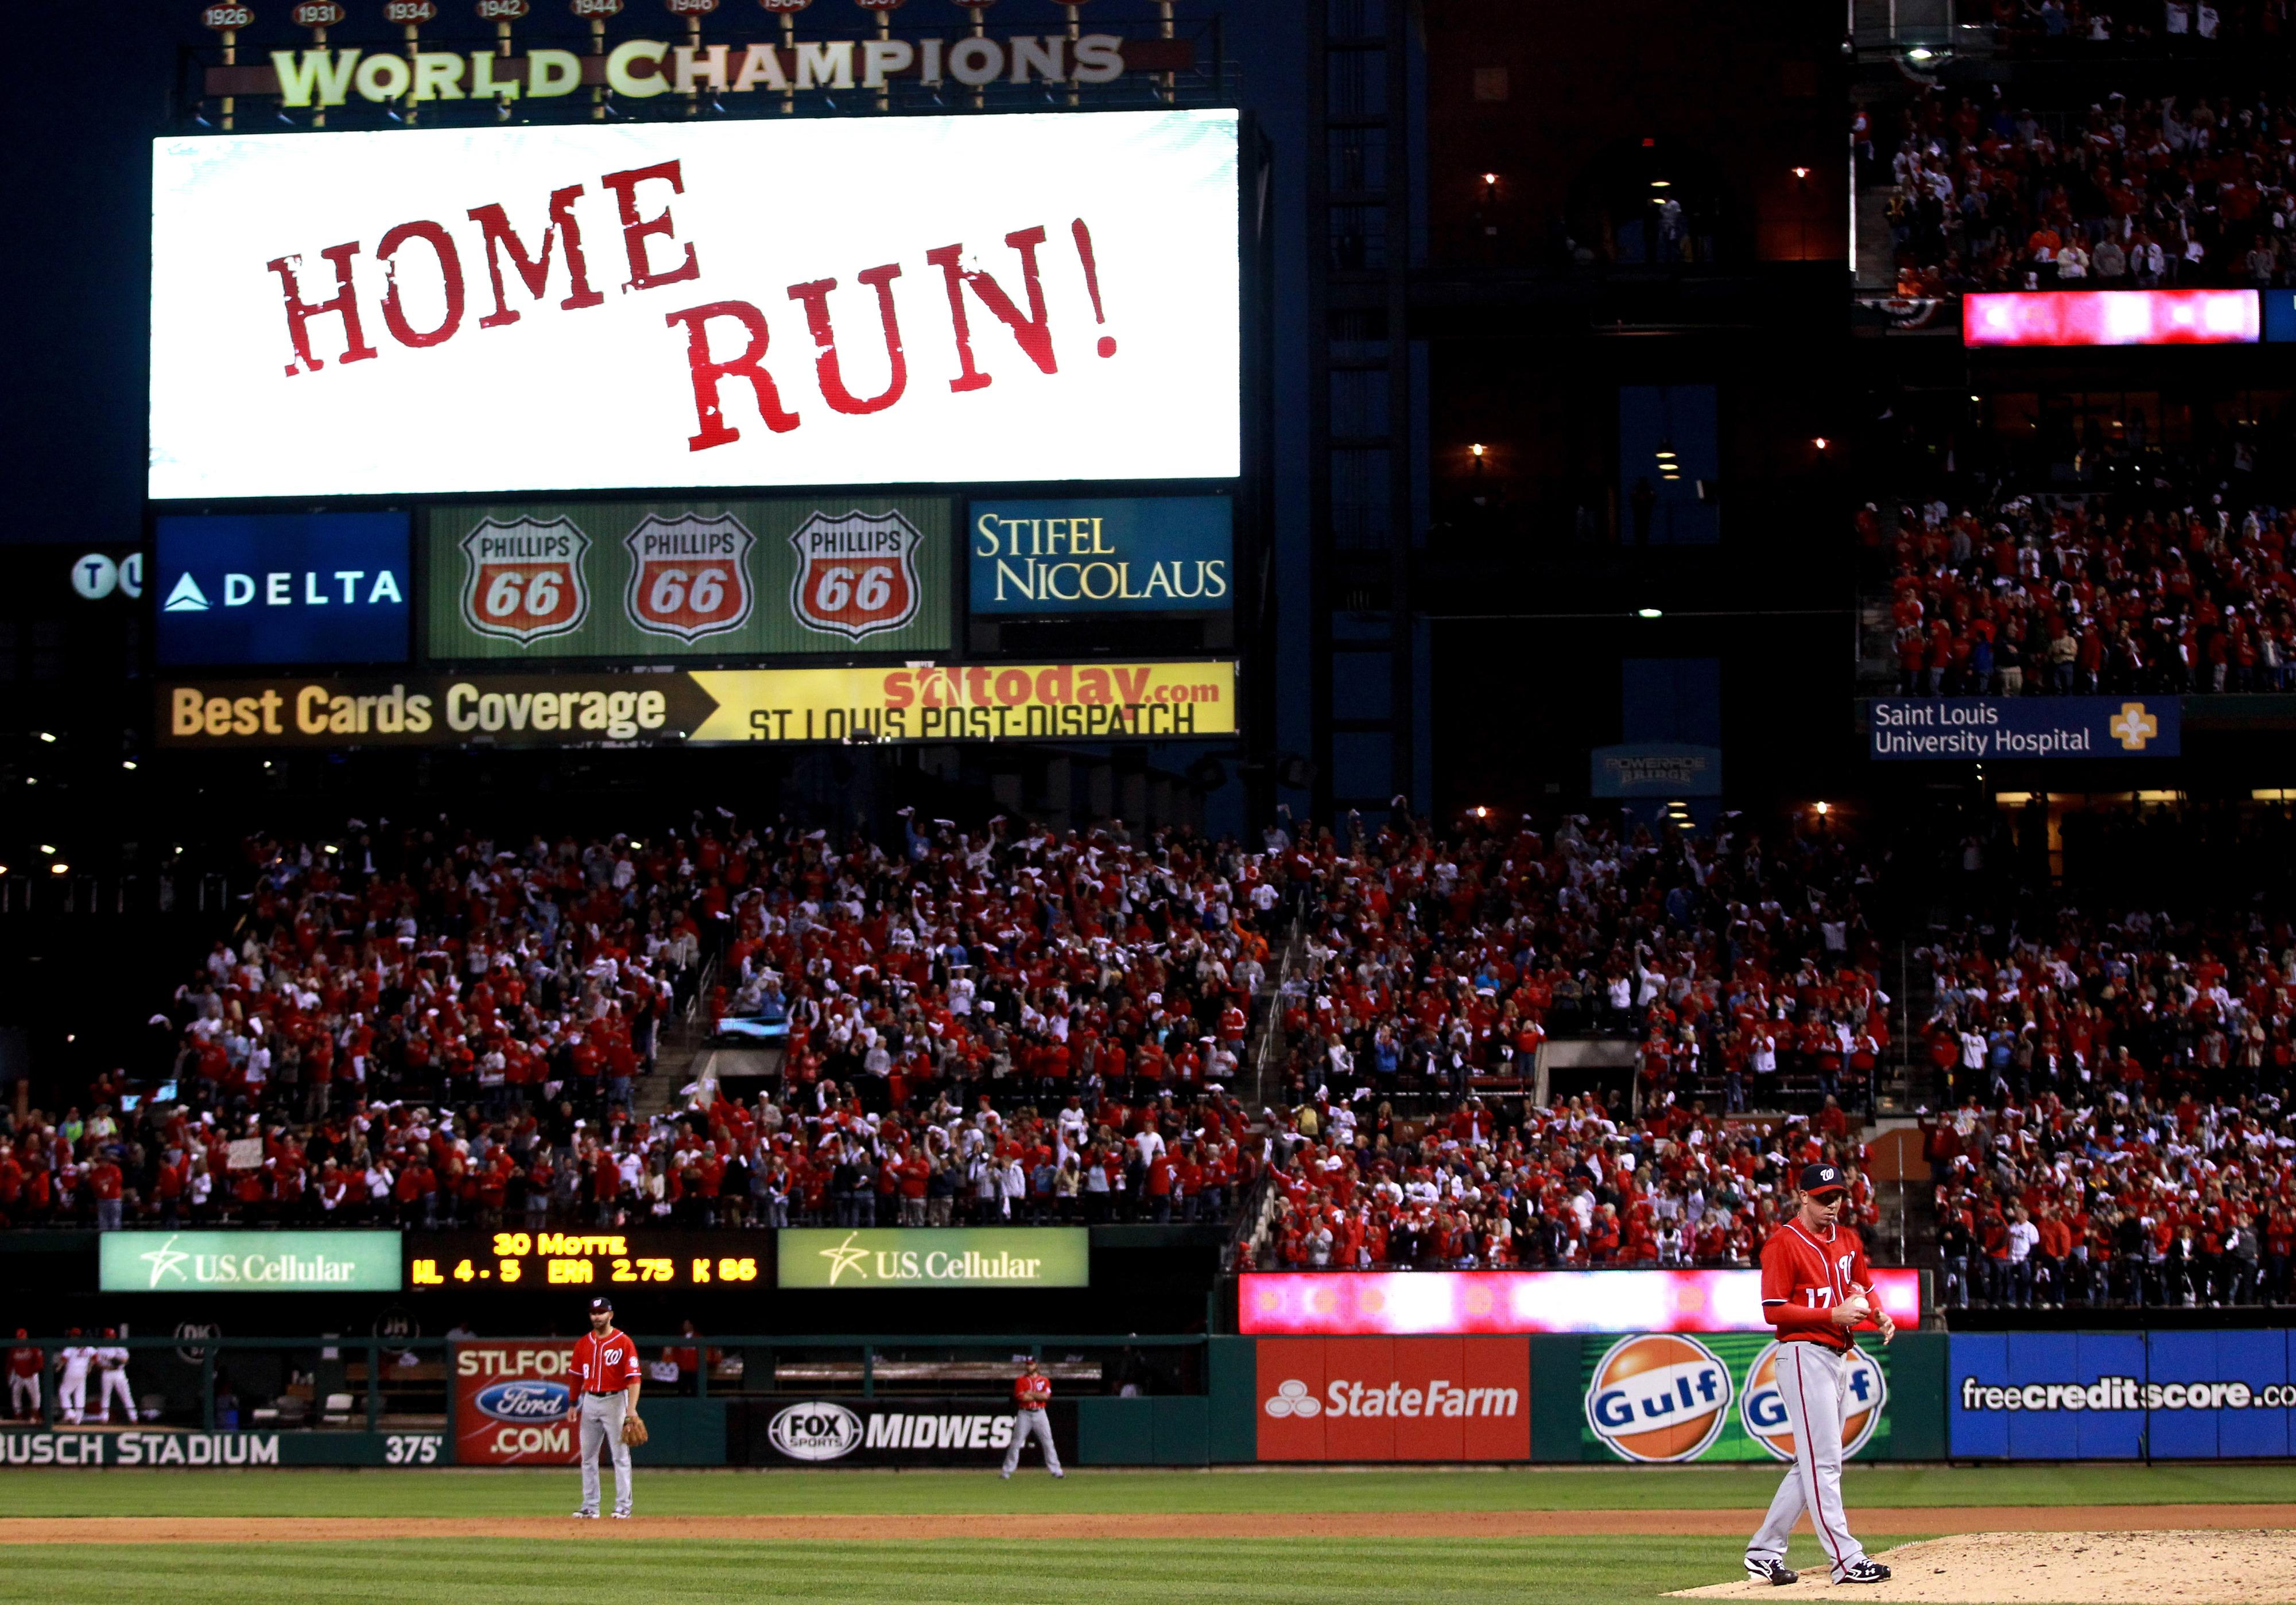 Sean Burnett allows a home run against the Cardinals in the NLDS.